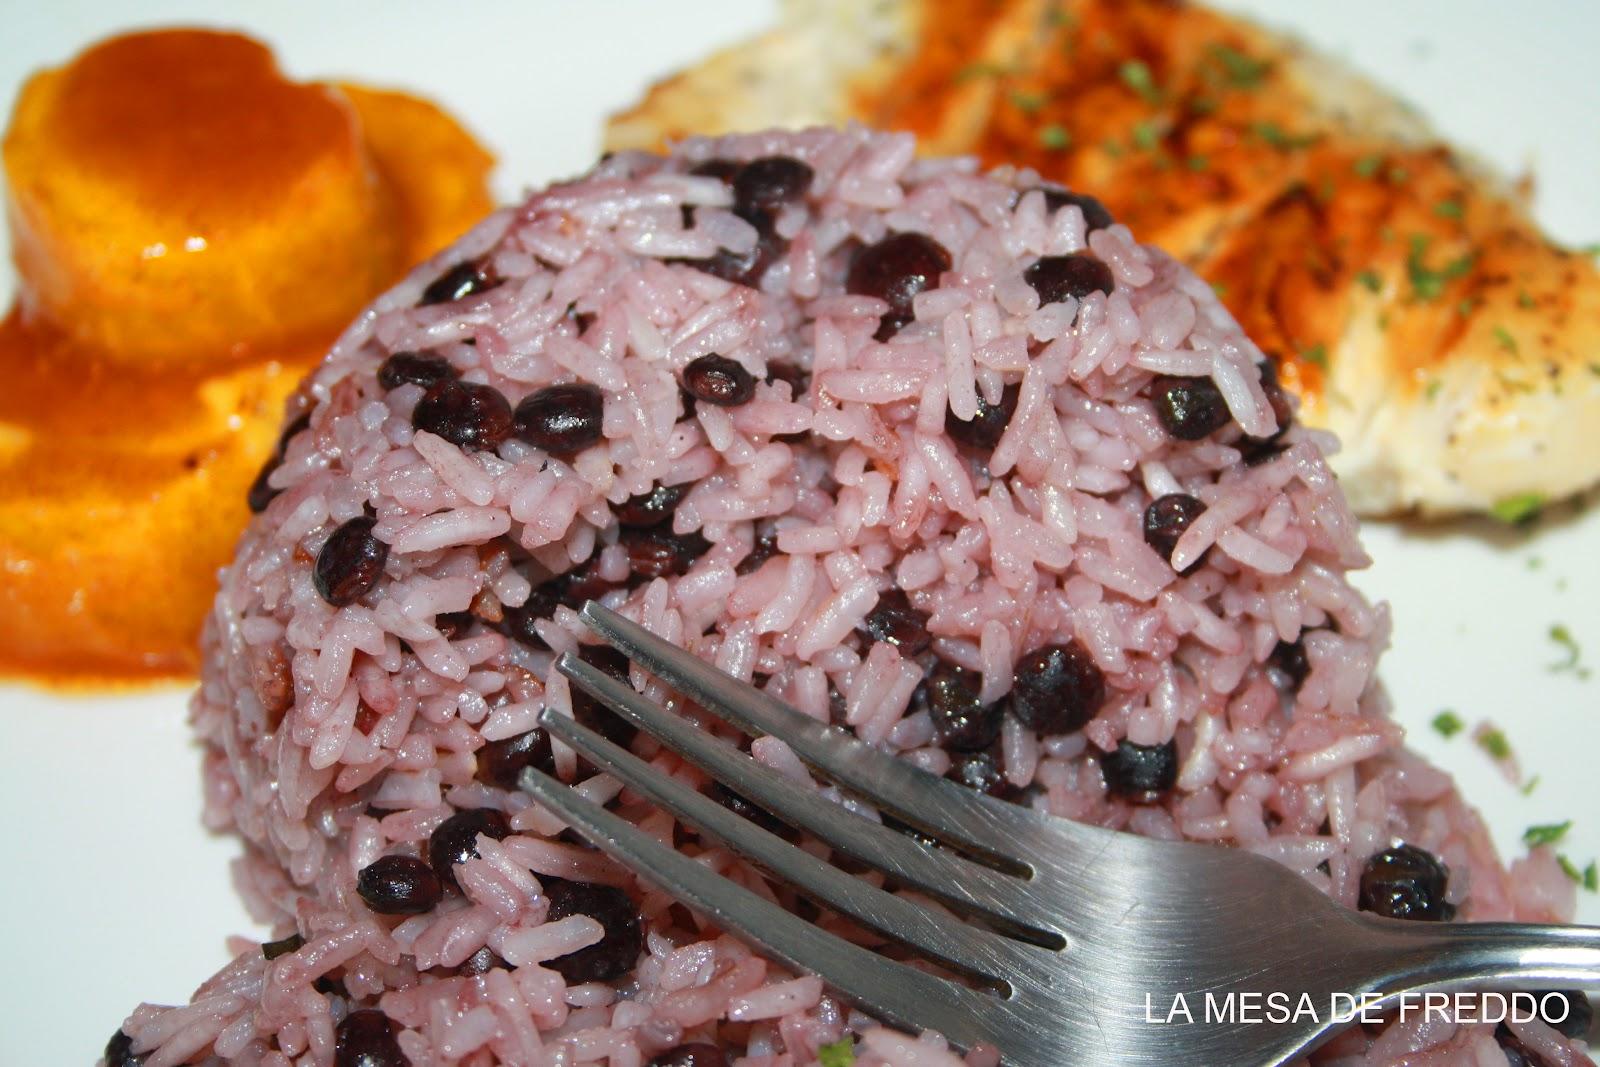 arroz con coco Arroz con coco - lucho bermudez y su orquesta eric cajundelyon loading unsubscribe from eric cajundelyon cancel unsubscribe working.